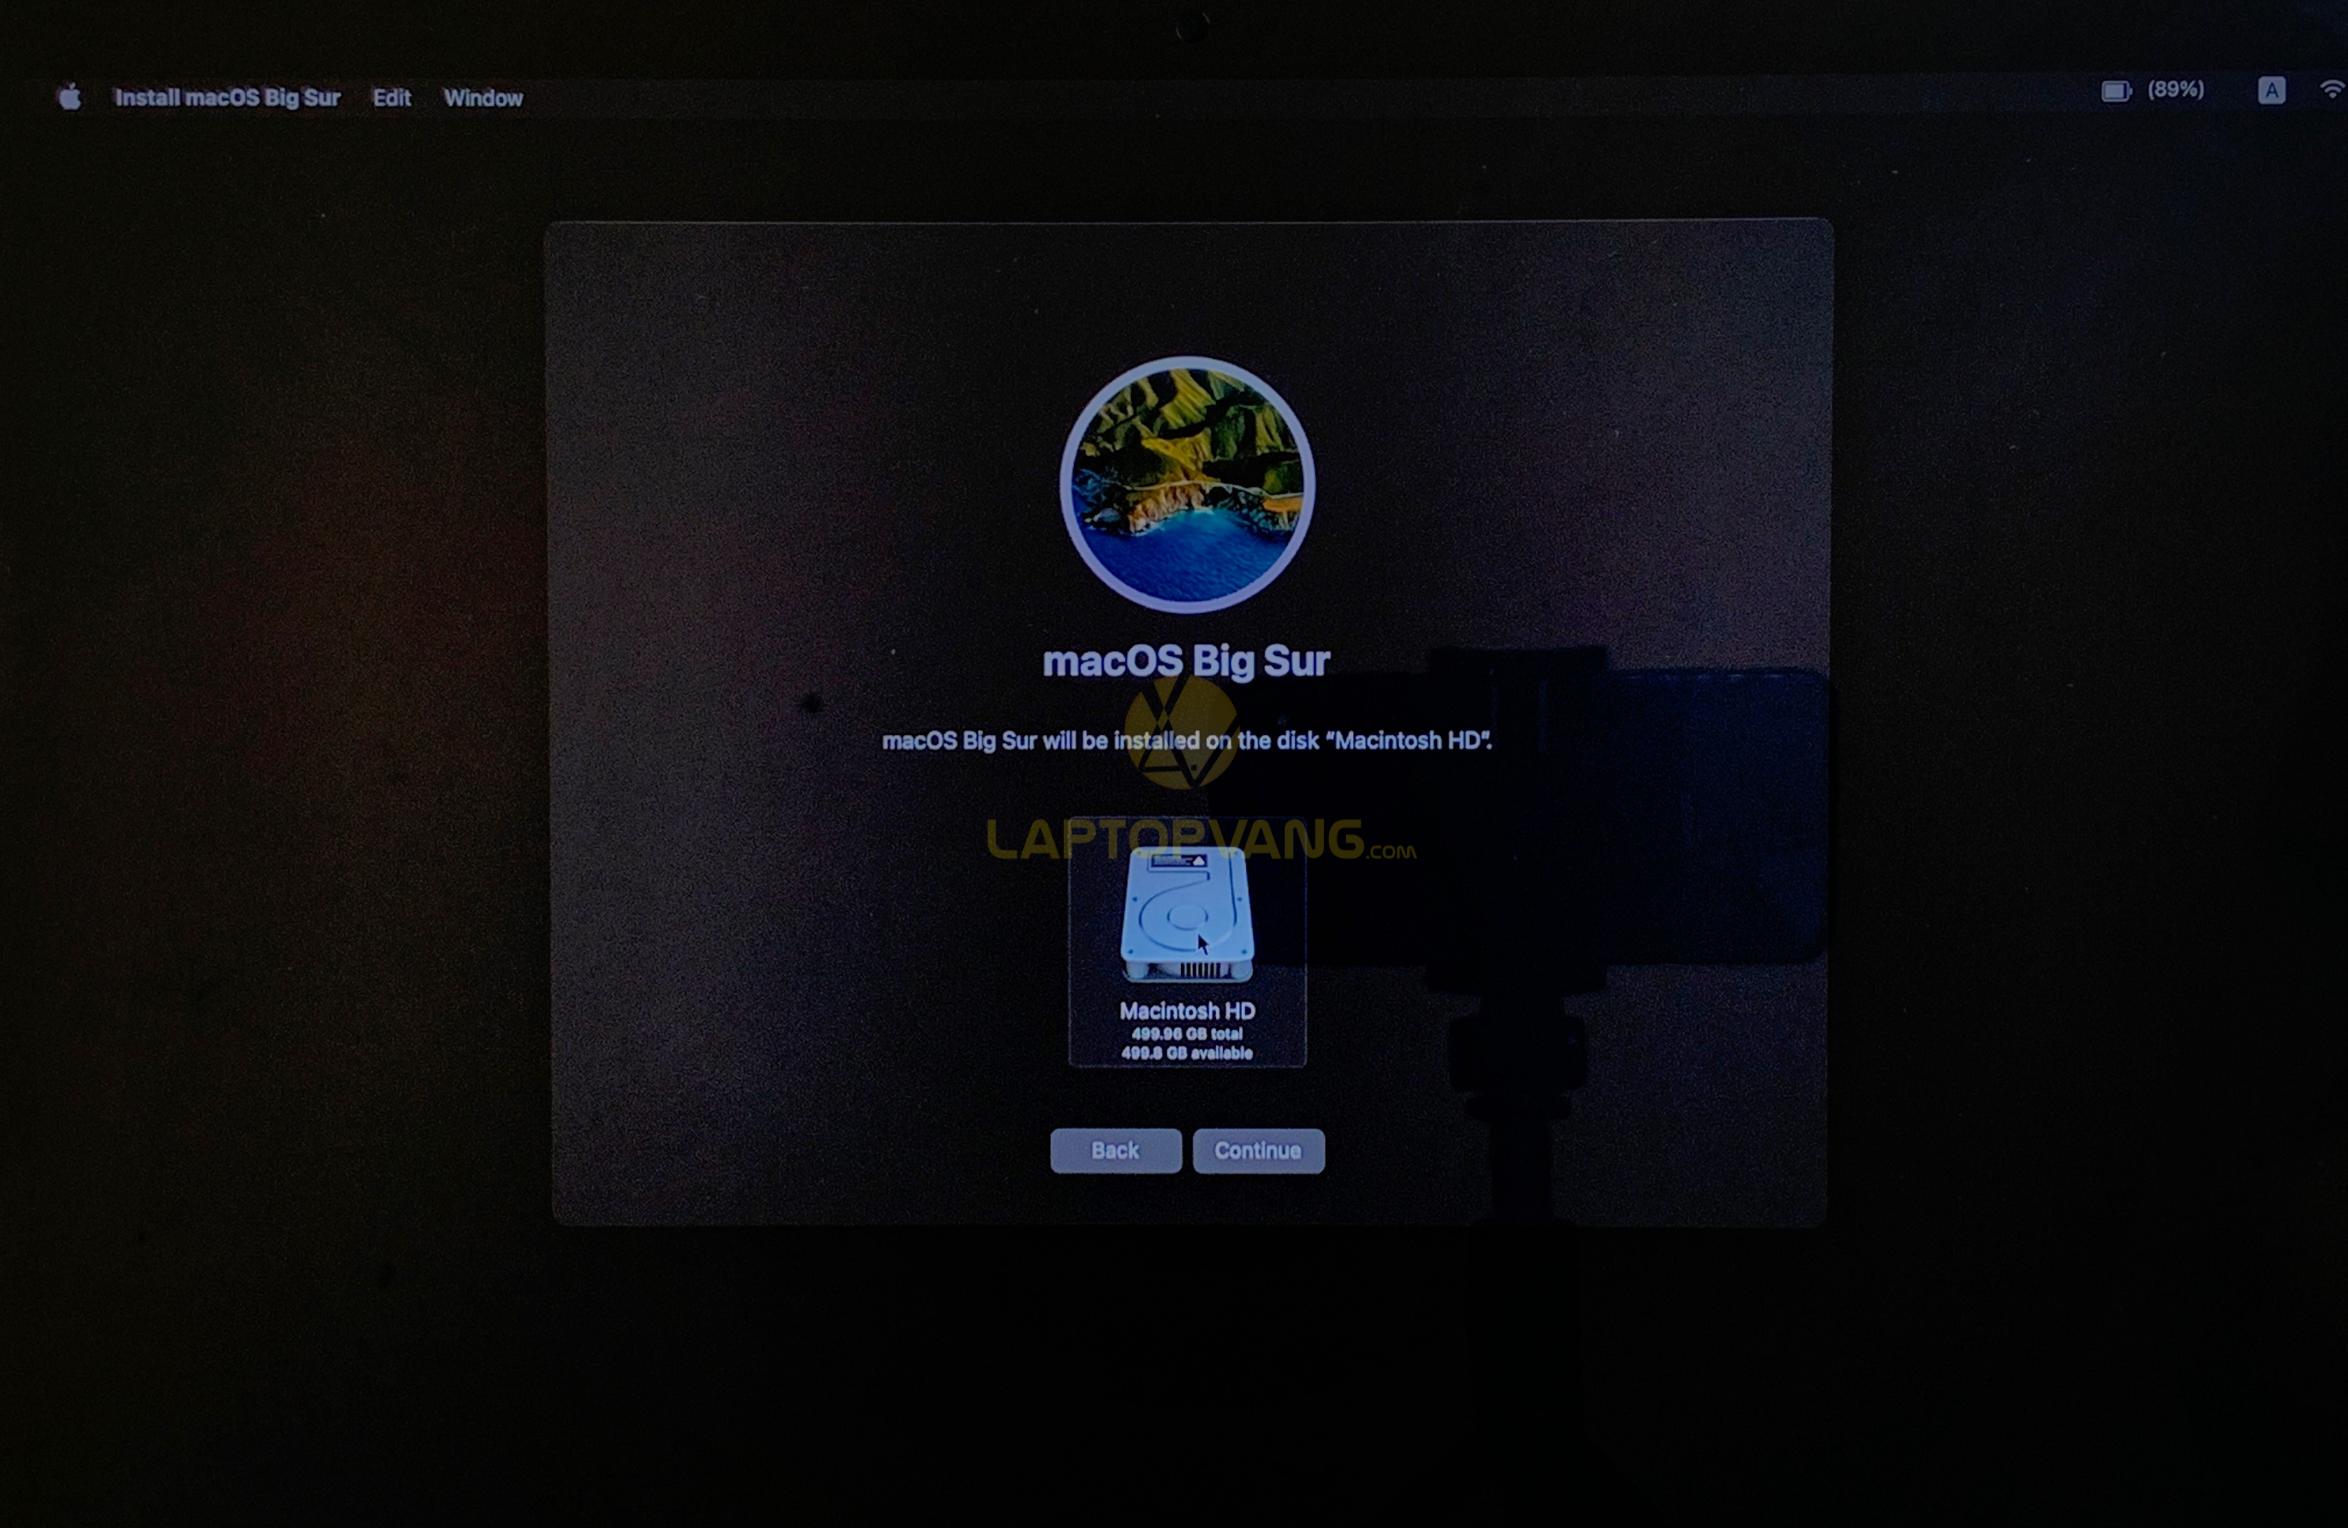 Huong_dan_recovery_tren_mac_laptopvang